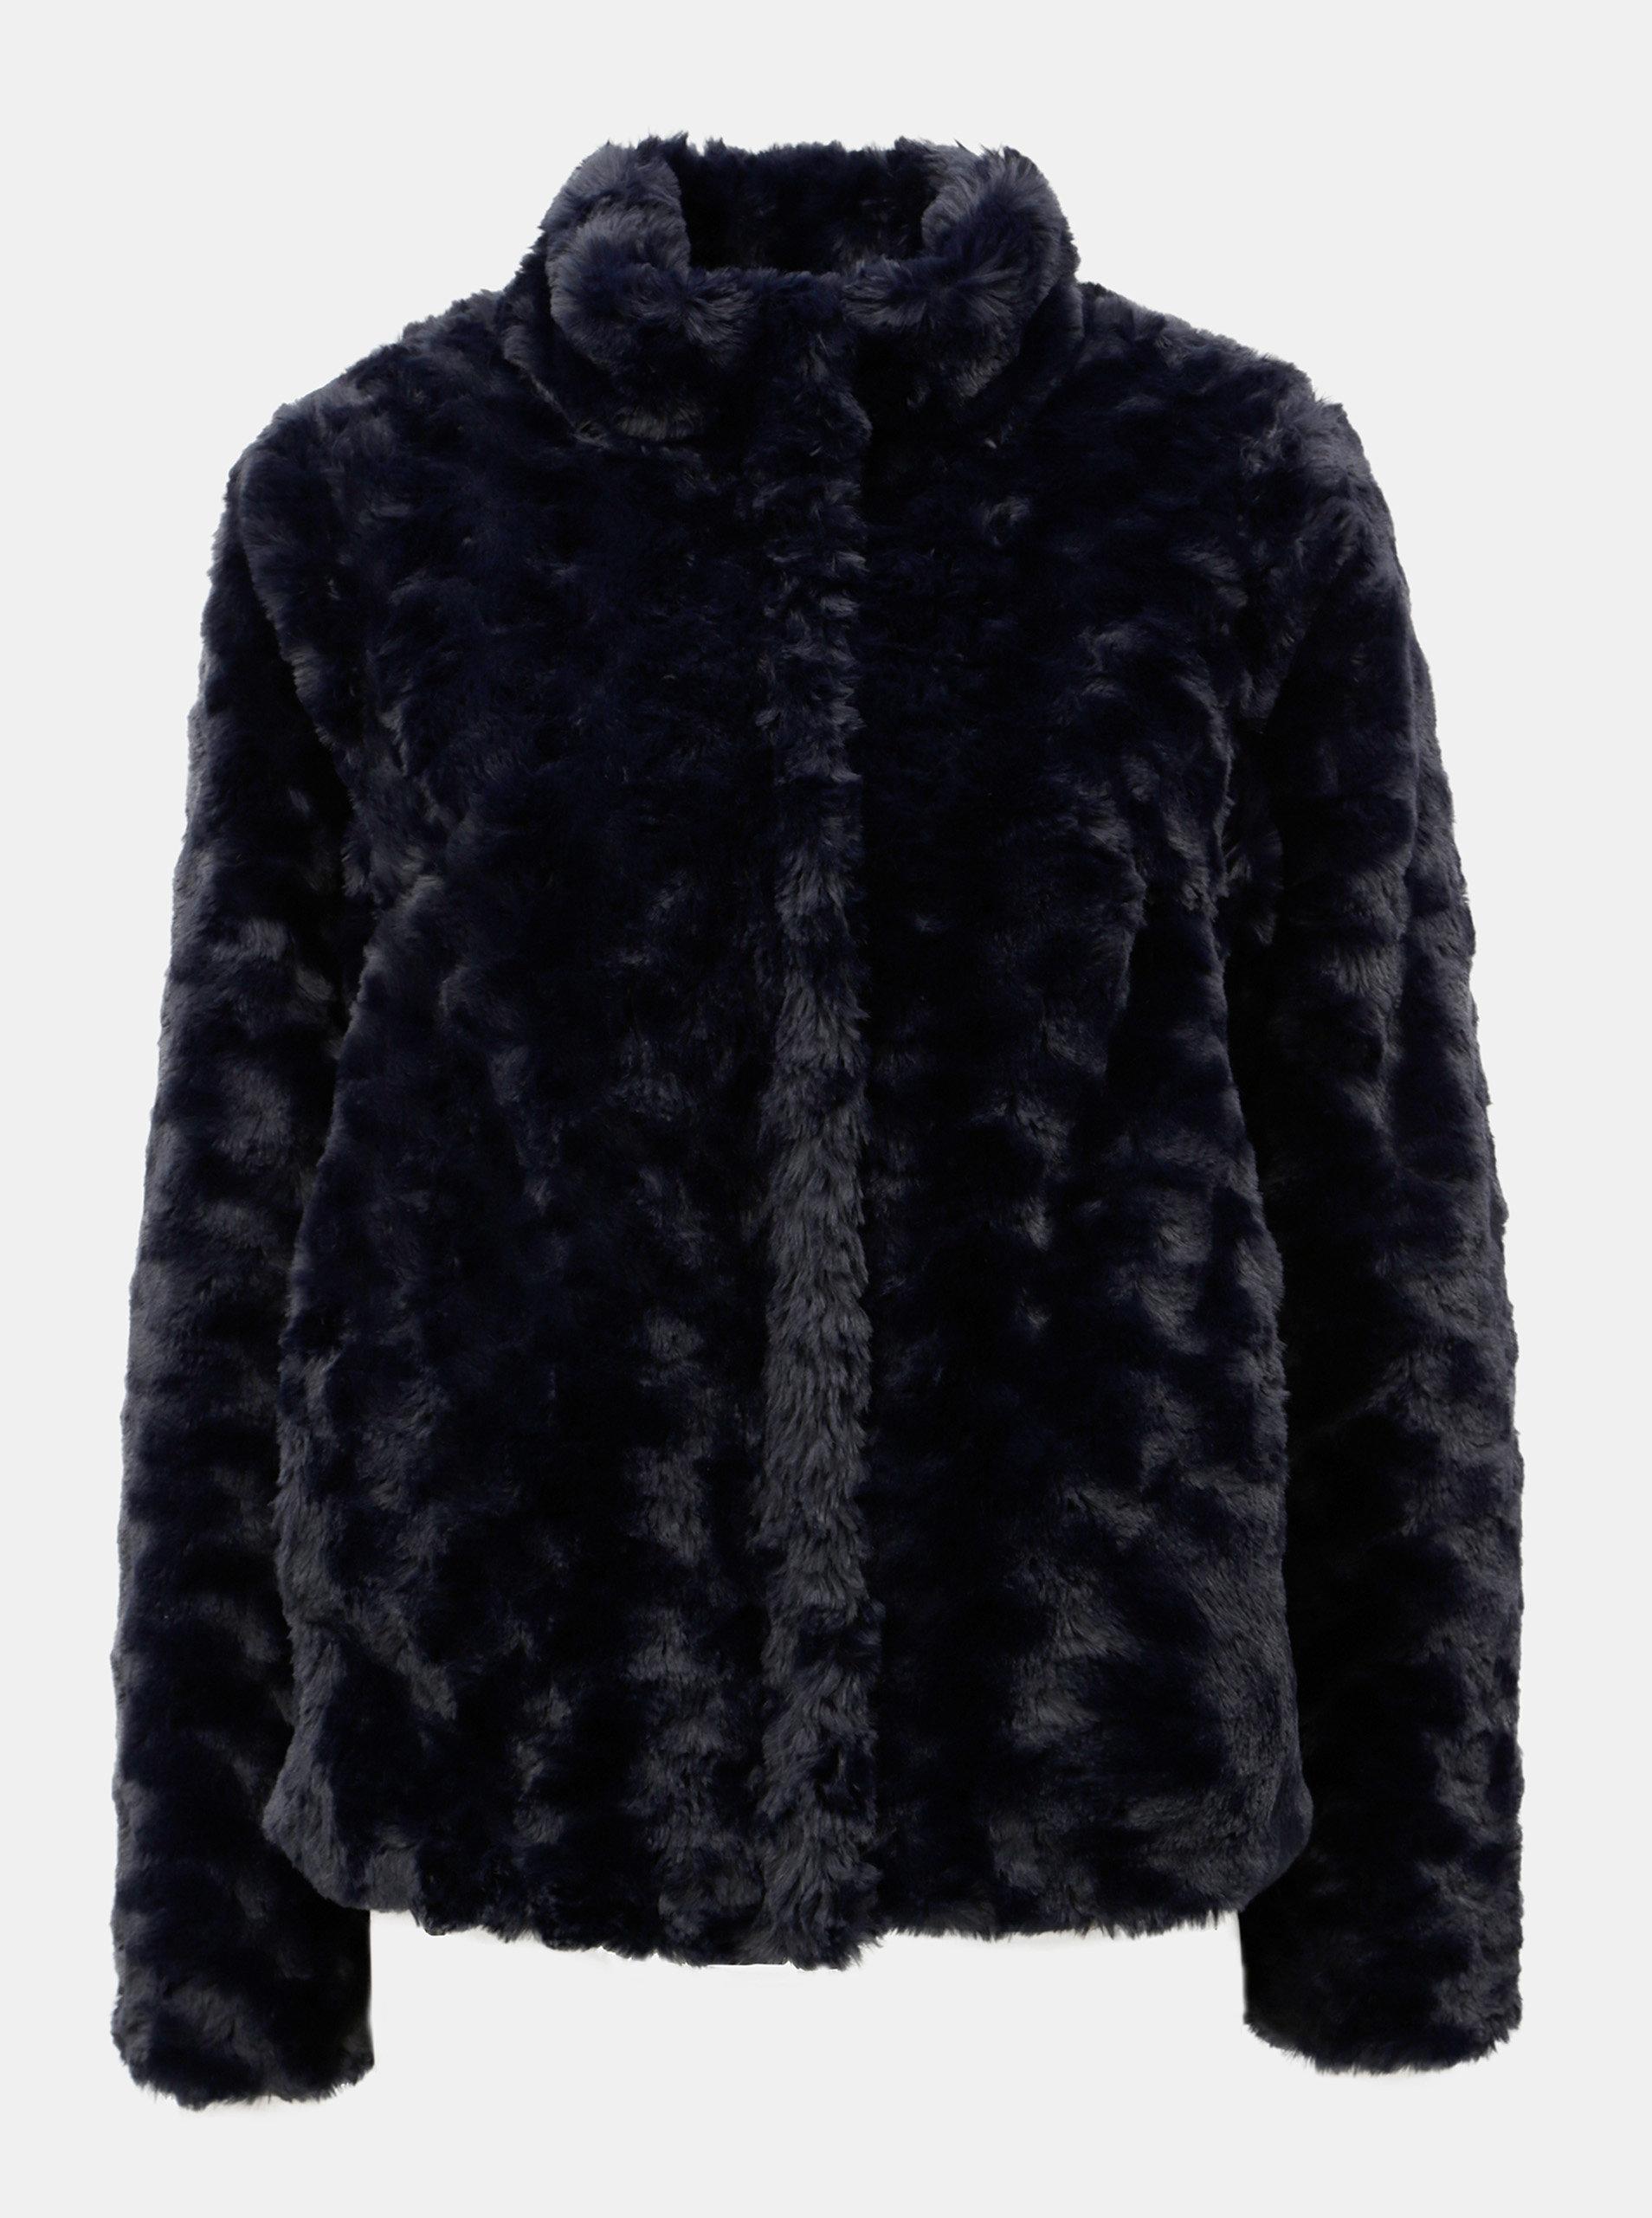 098624b33 Tmavomodrý krátky kabát z umelej kožušiny Dorothy Perkins | ZOOT.sk